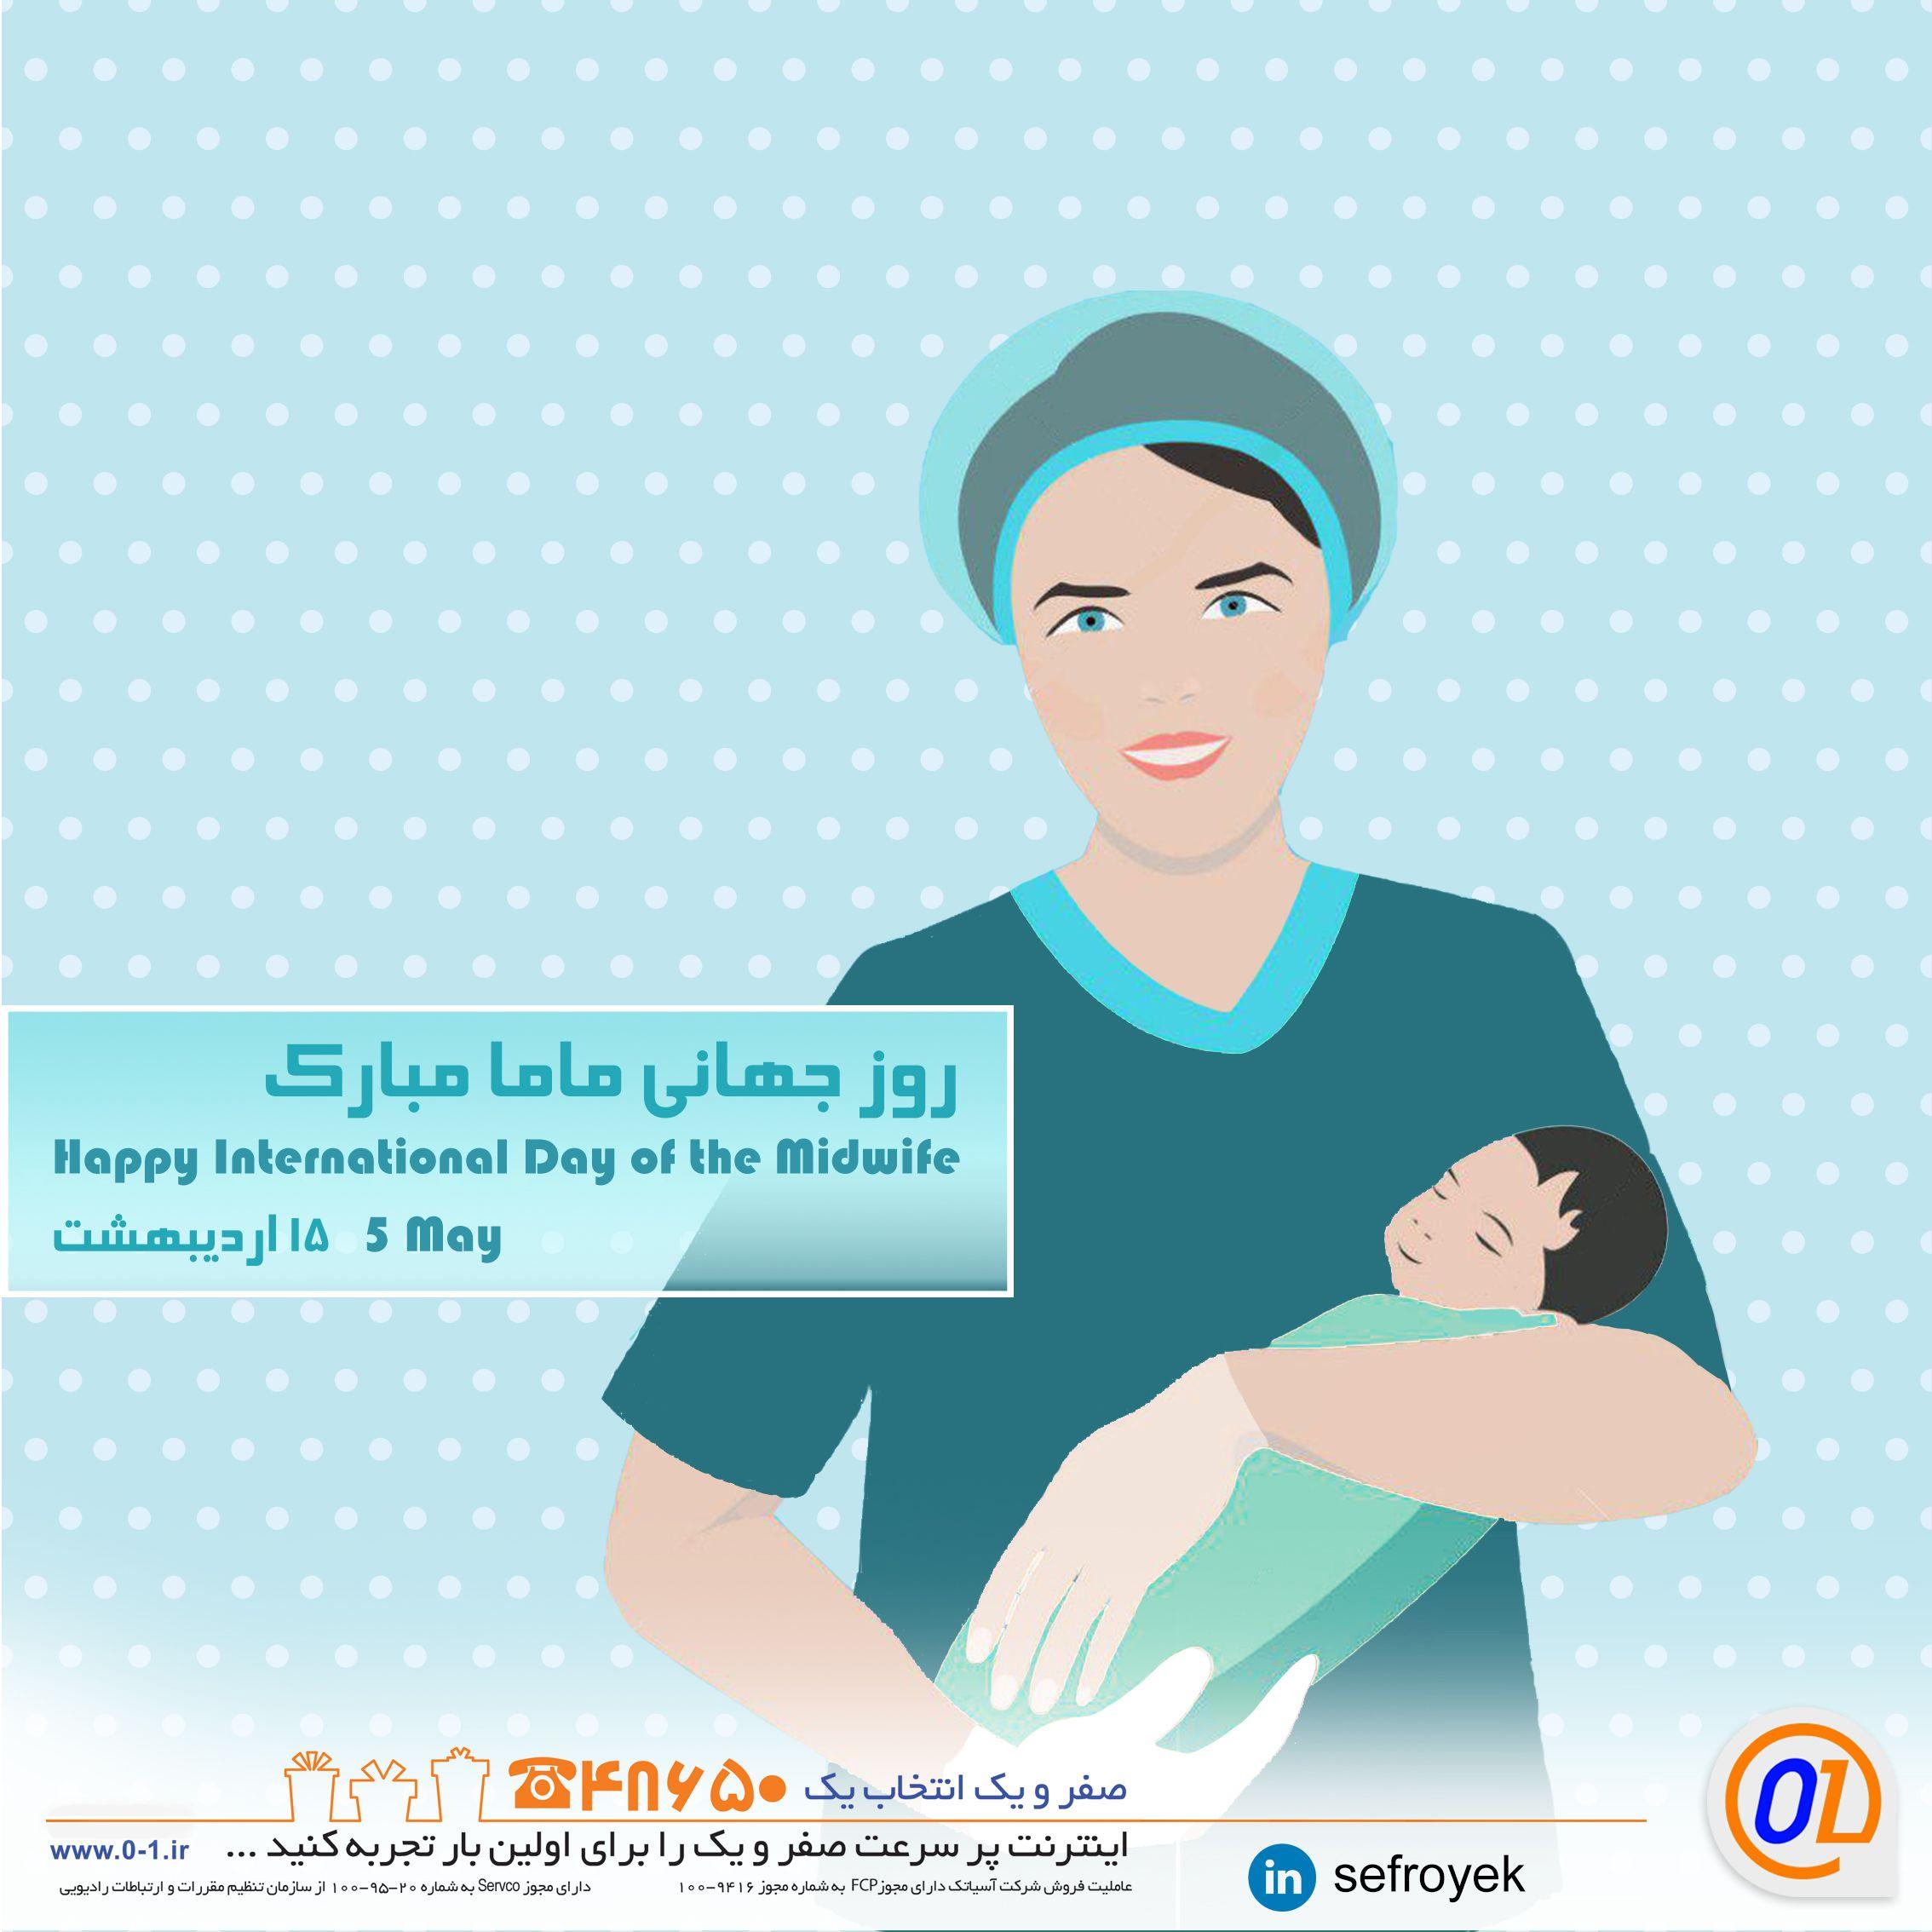 روز جهانی ماما مبارک🌹 روز_جهانی ماما روز_جهانی_ماما